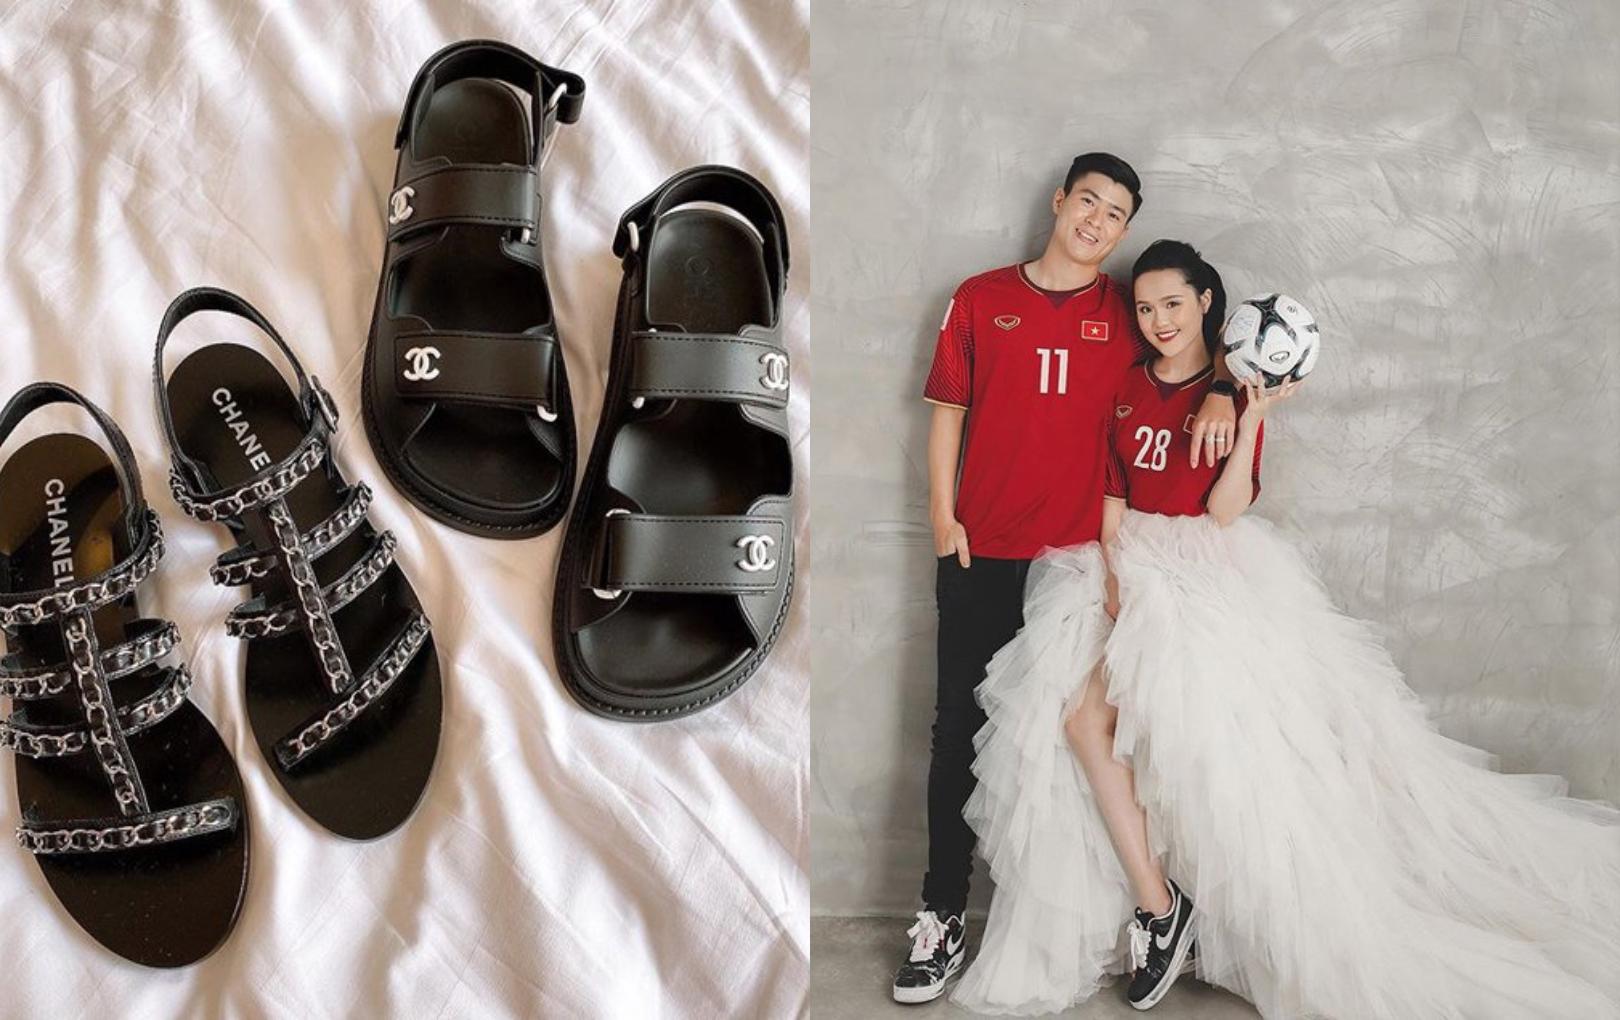 """Duy Mạnh bị chấn thương, Quỳnh Anh lập tức """"dỗ dành"""" chồng bằng giày hàng hiệu"""